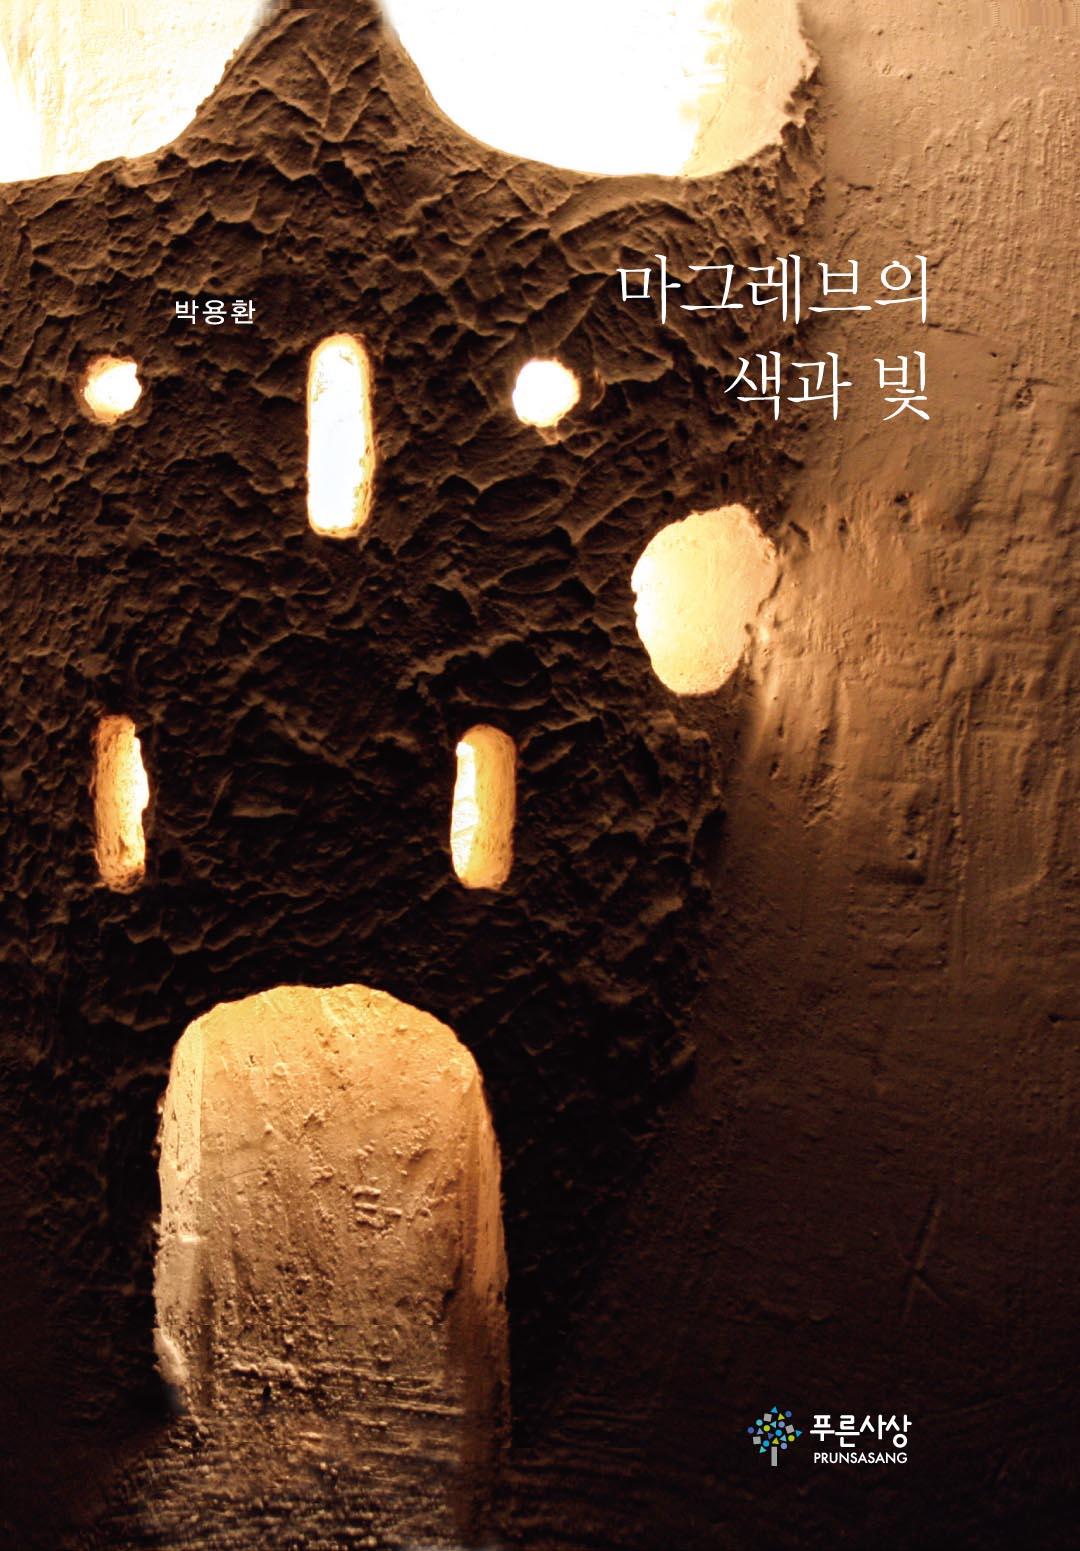 박용환 참여이사(한양대 명예교수) 마그레브의 색과 빛 도서 출판(11/25)